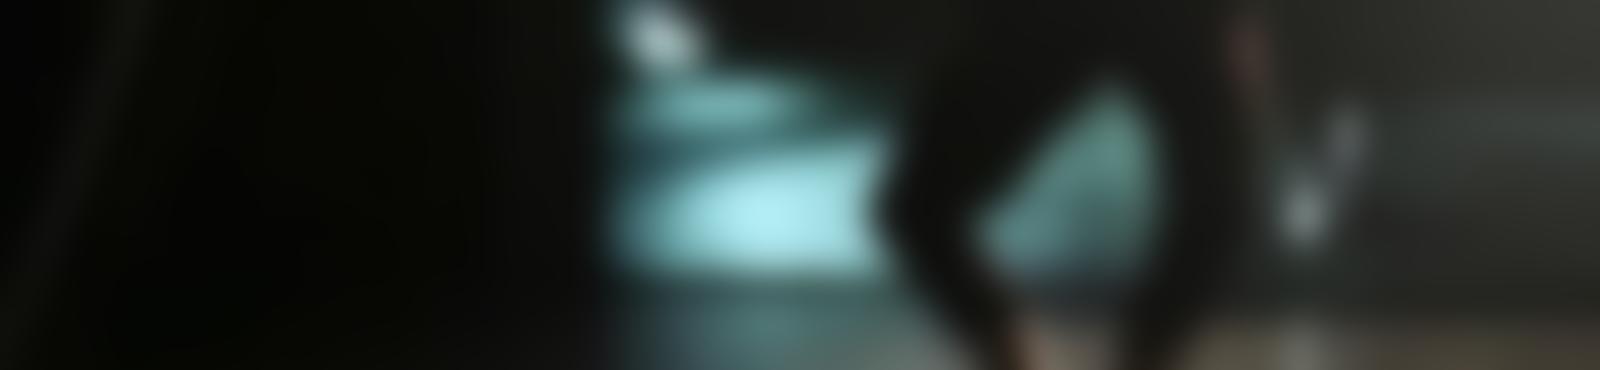 Blurred 651d36bd b9f8 458c 823e c98651e13599